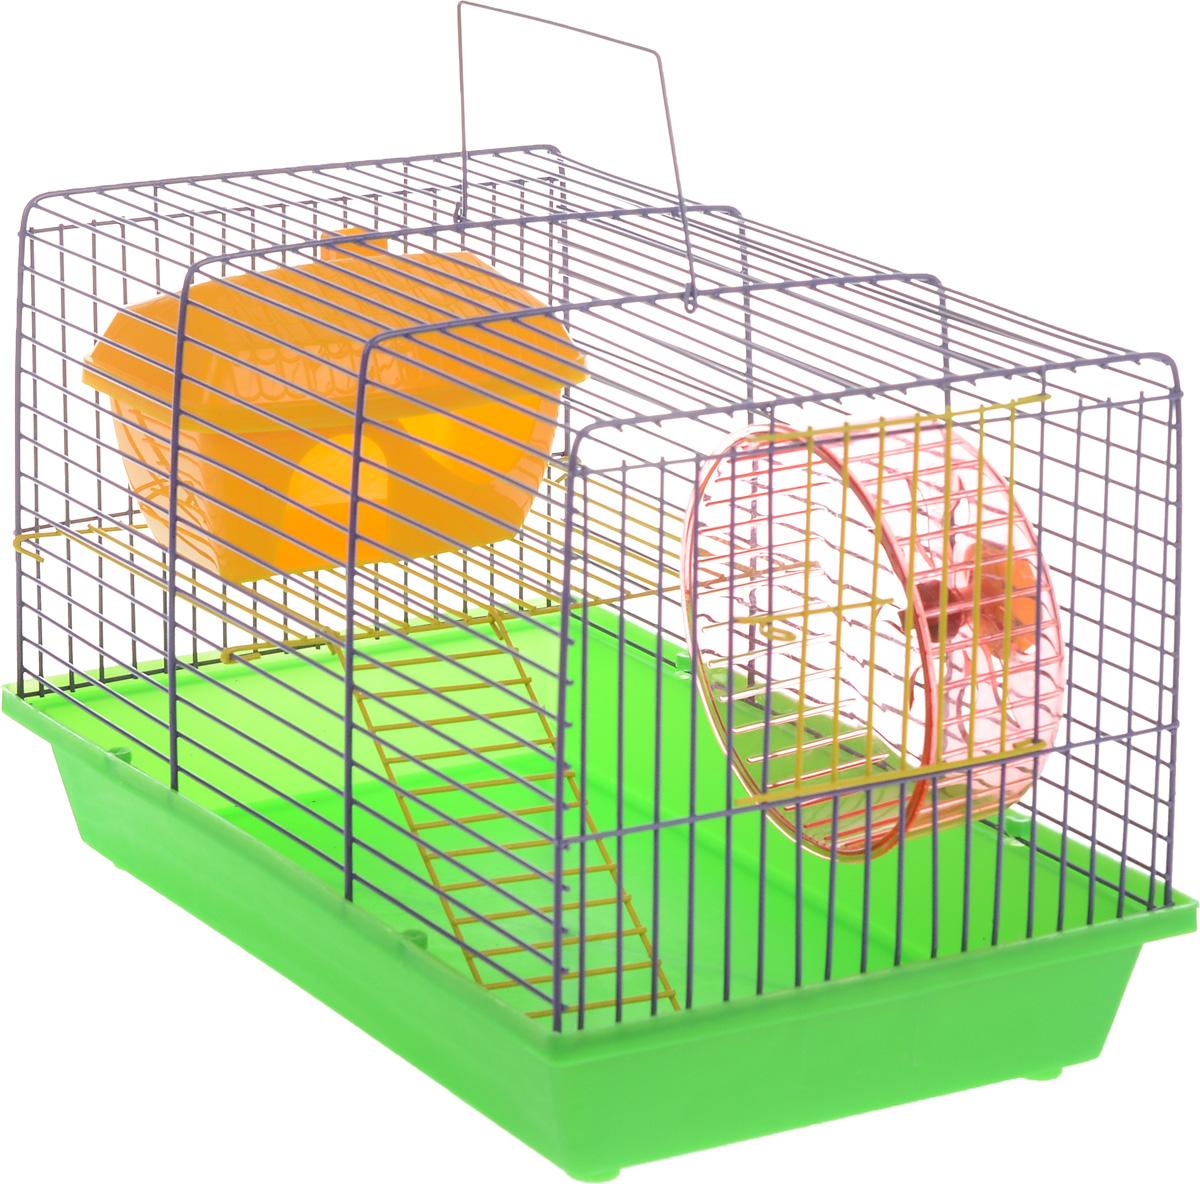 Клетка для грызунов ЗооМарк, 2-этажная, цвет: зеленый поддон, сиреневая решетка, 36 х 22 х 24 см. 125ж125ж_зеленый, сиреневыйКлетка ЗооМарк, выполненная из полипропилена и металла, подходит для мелких грызунов. Изделие двухэтажное, оборудовано колесом для подвижных игр и пластиковым домиком. Клетка имеет яркий поддон, удобна в использовании и легко чистится. Сверху имеется ручка для переноски. Такая клетка станет уединенным личным пространством и уютным домиком для маленького грызуна.